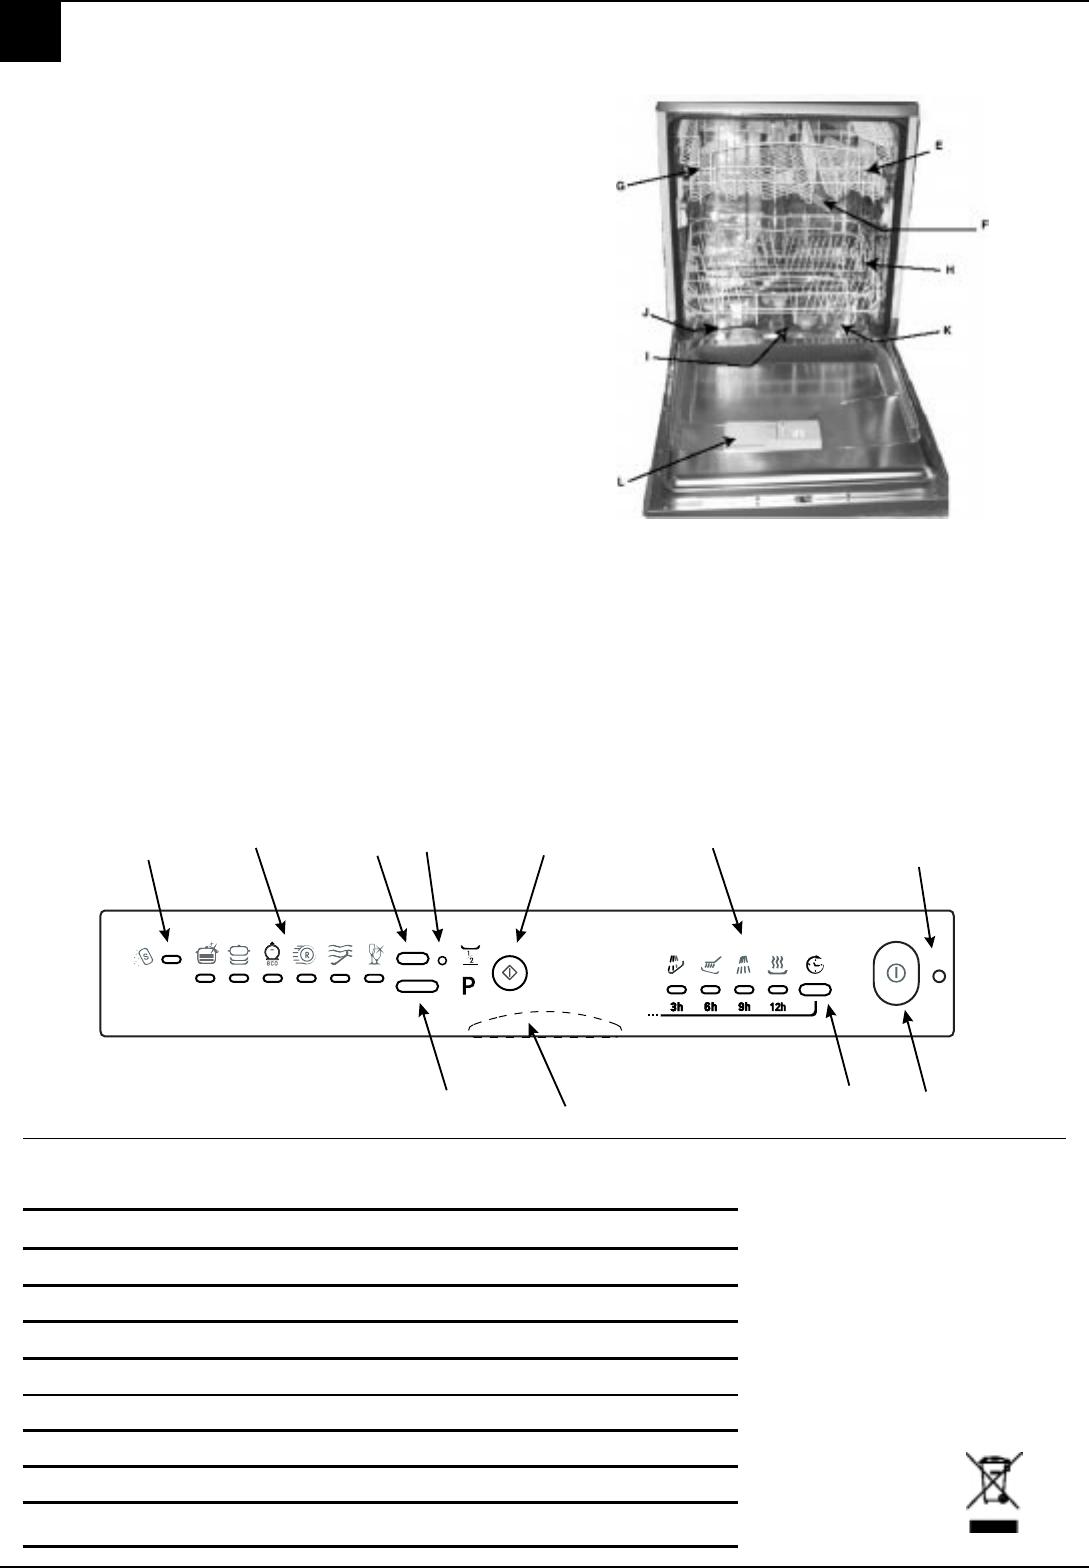 bedienungsanleitung hotpointariston ll 64 x eu (seite 4  ~ Geschirrspülmaschine Englisch